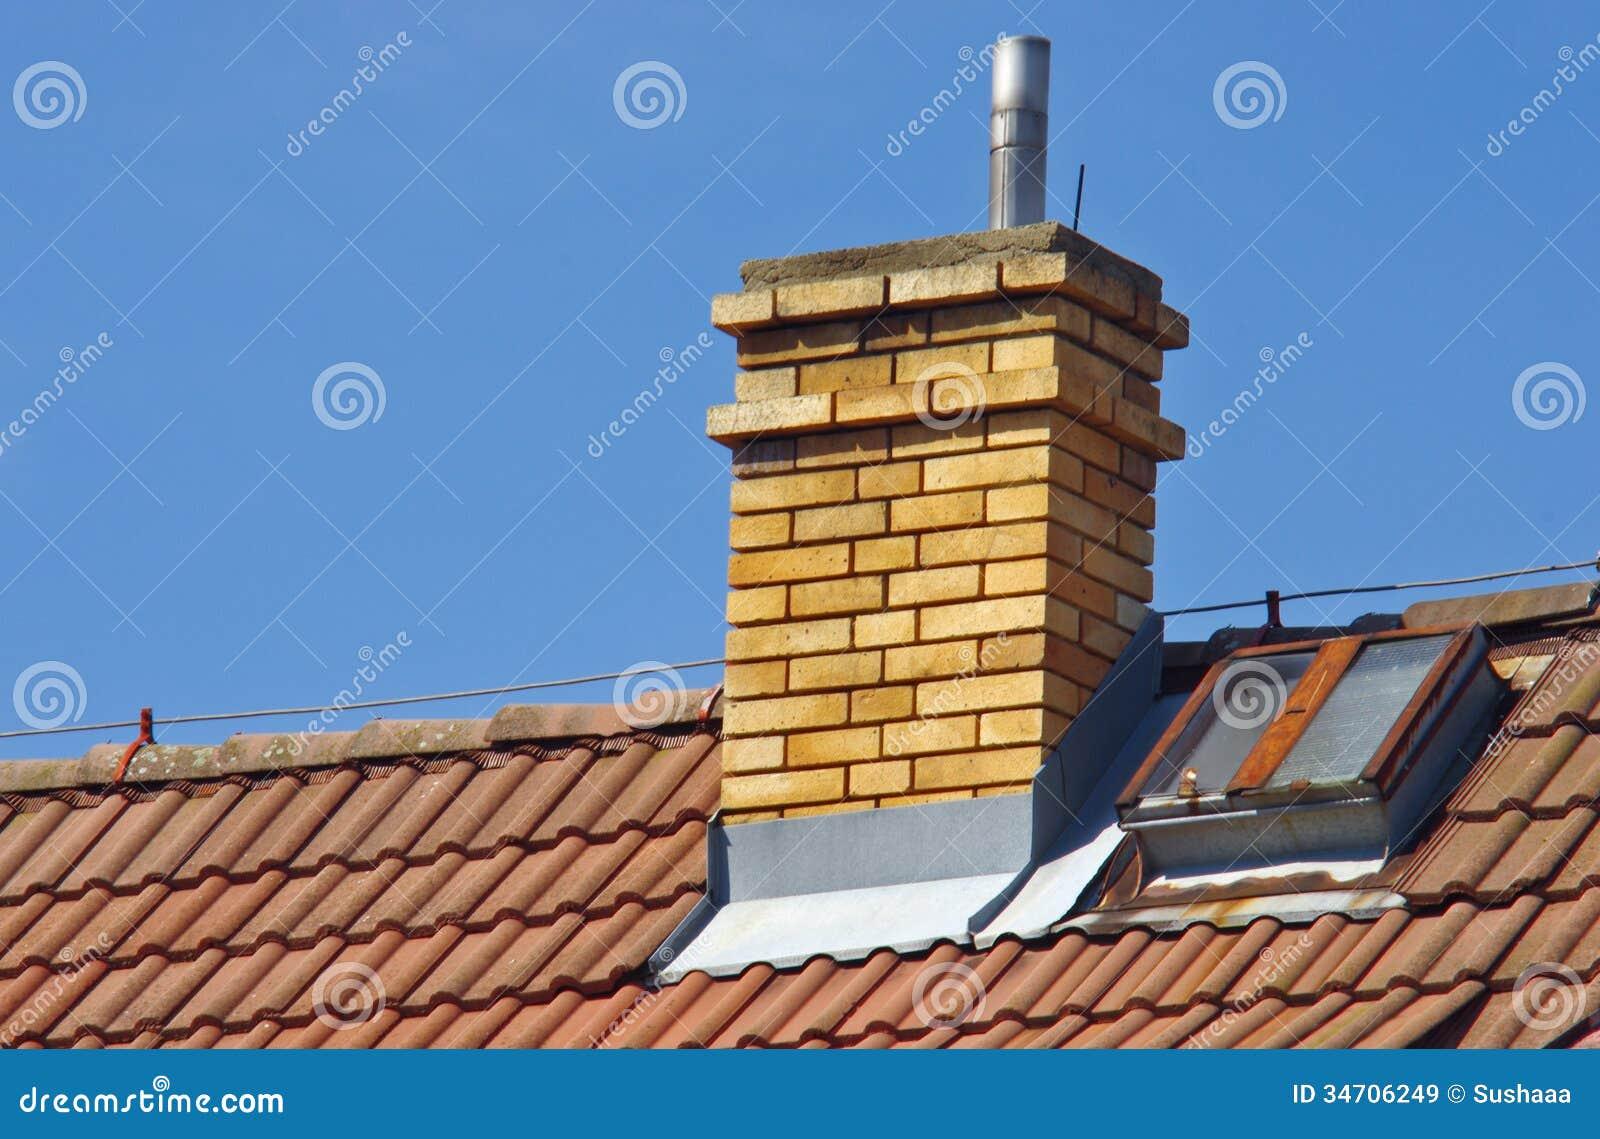 Chimenea en el tejado de la casa im genes de archivo libres de regal as imagen 34706249 - La casa en el tejado ...